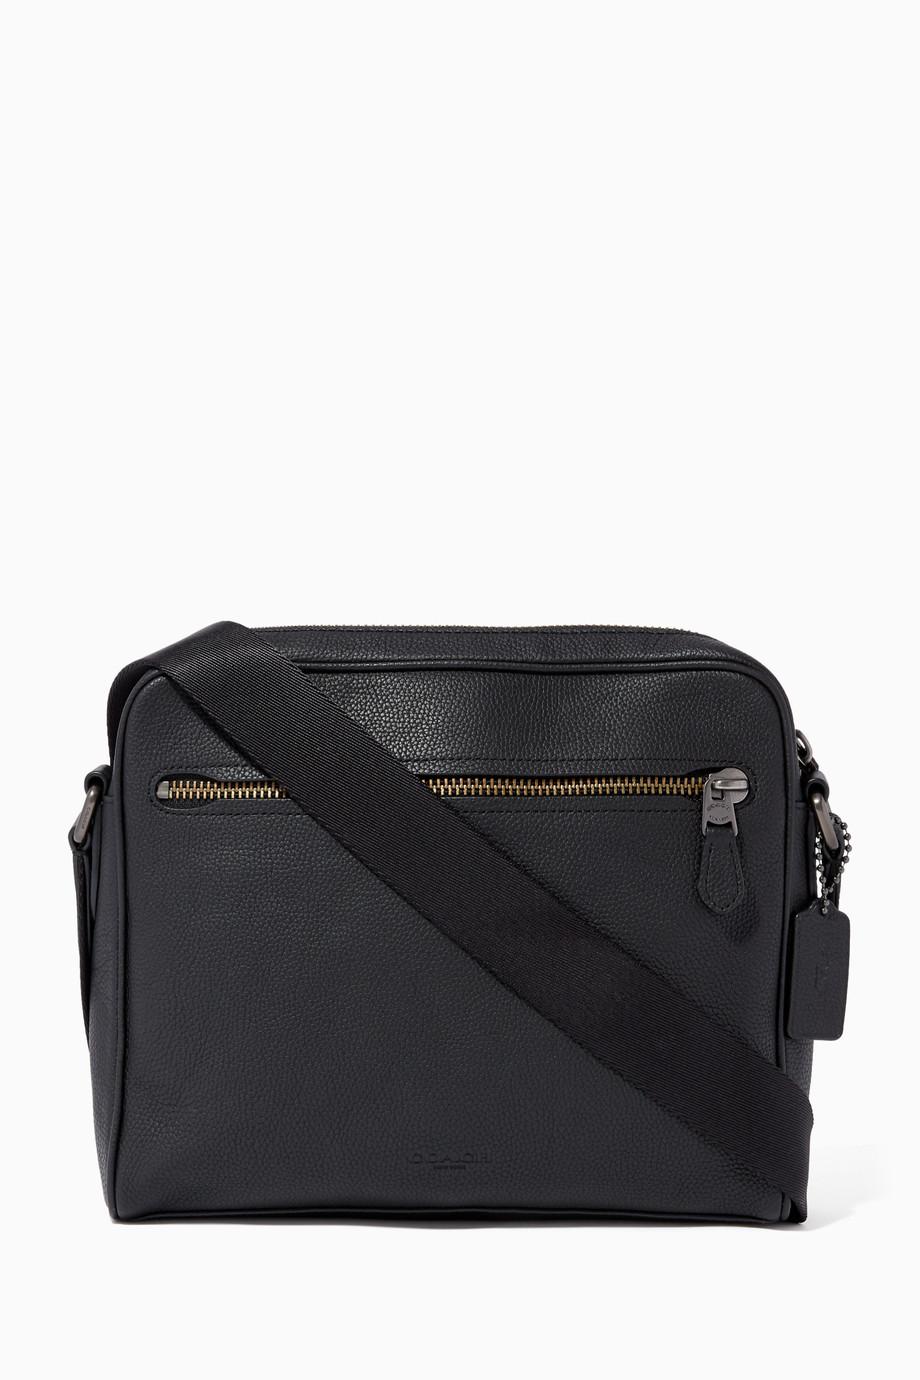 Shop Coach Black Black Rogue Leather Briefcase for Men   Ounass UAE e621693280